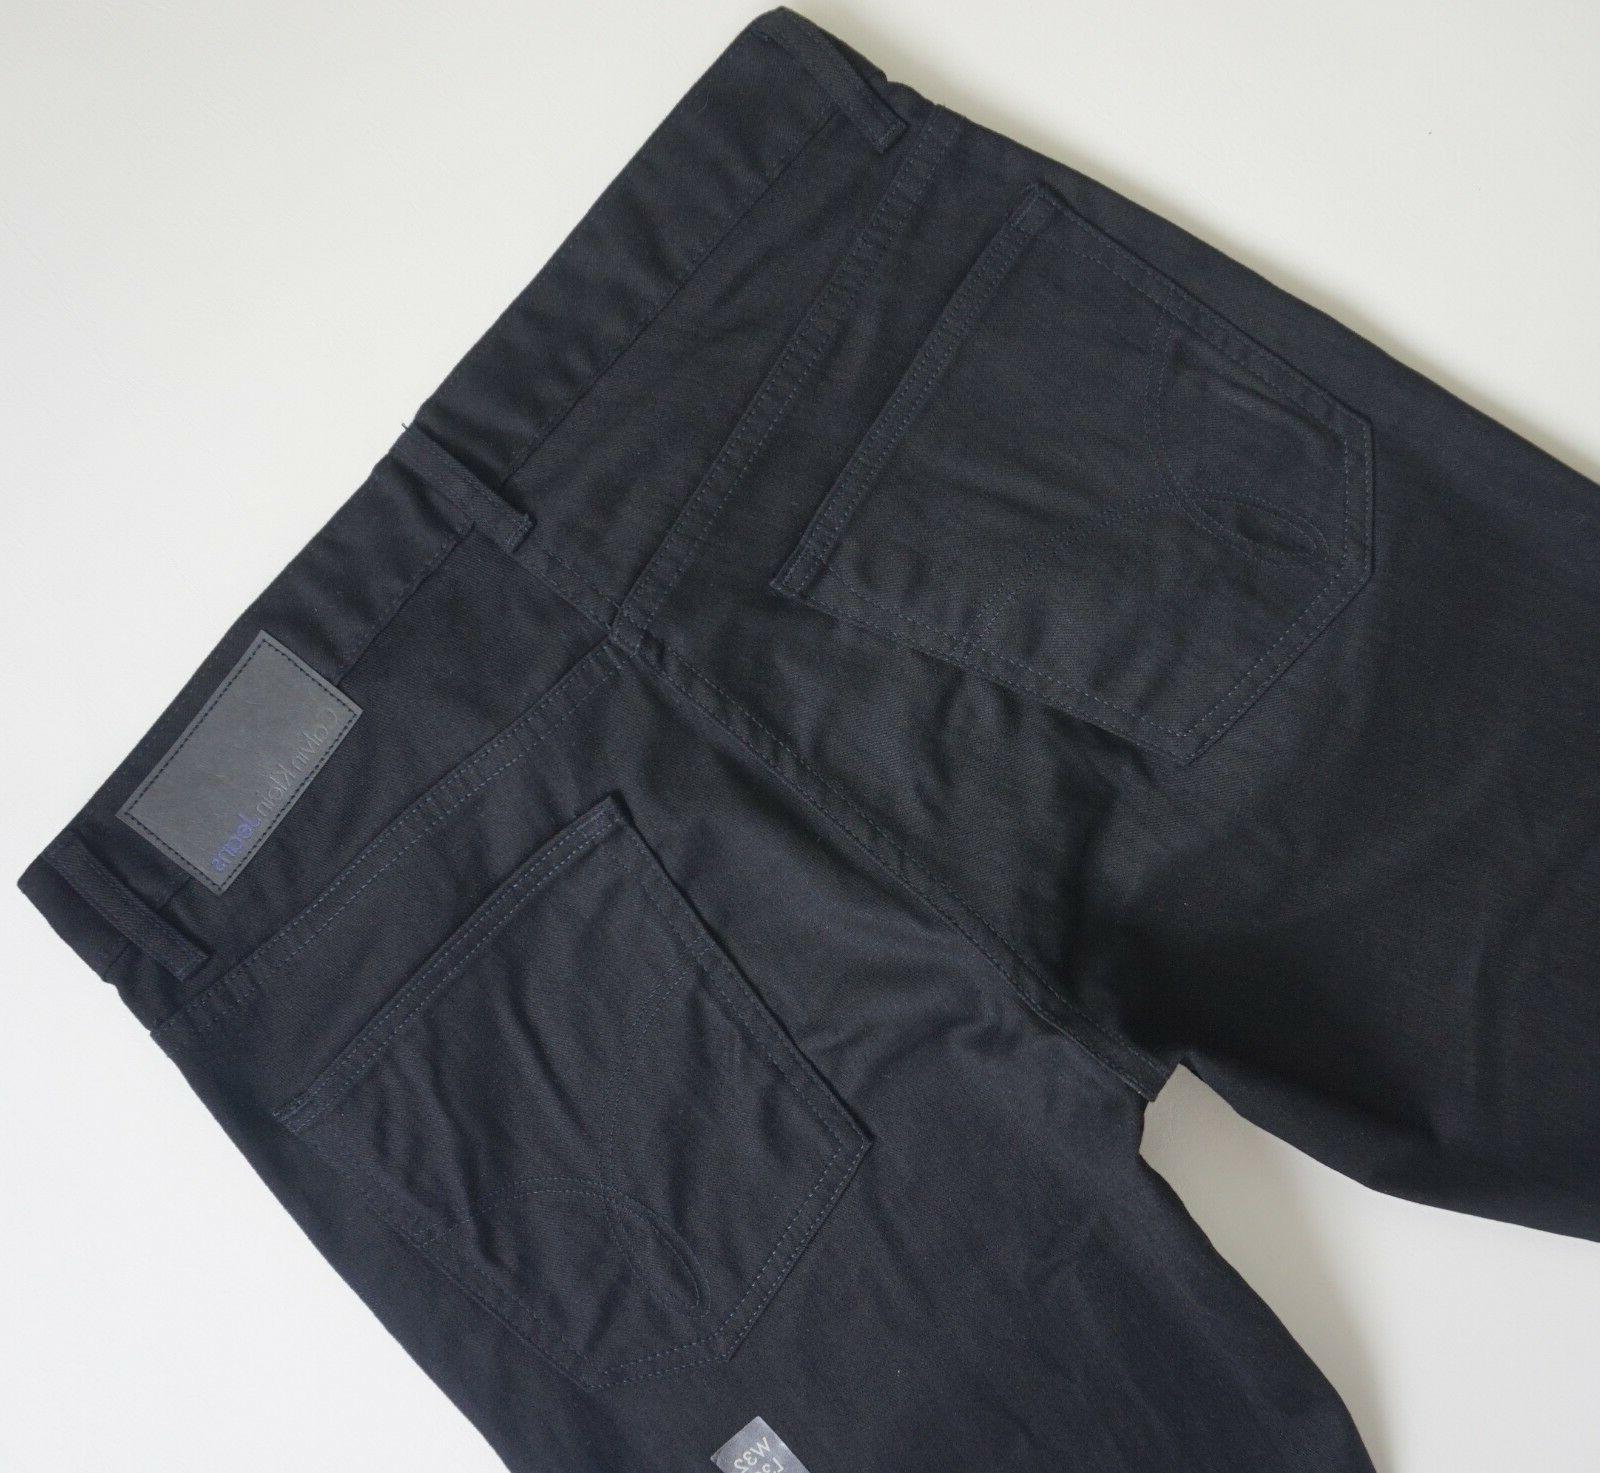 slim straight leg black jeans men s